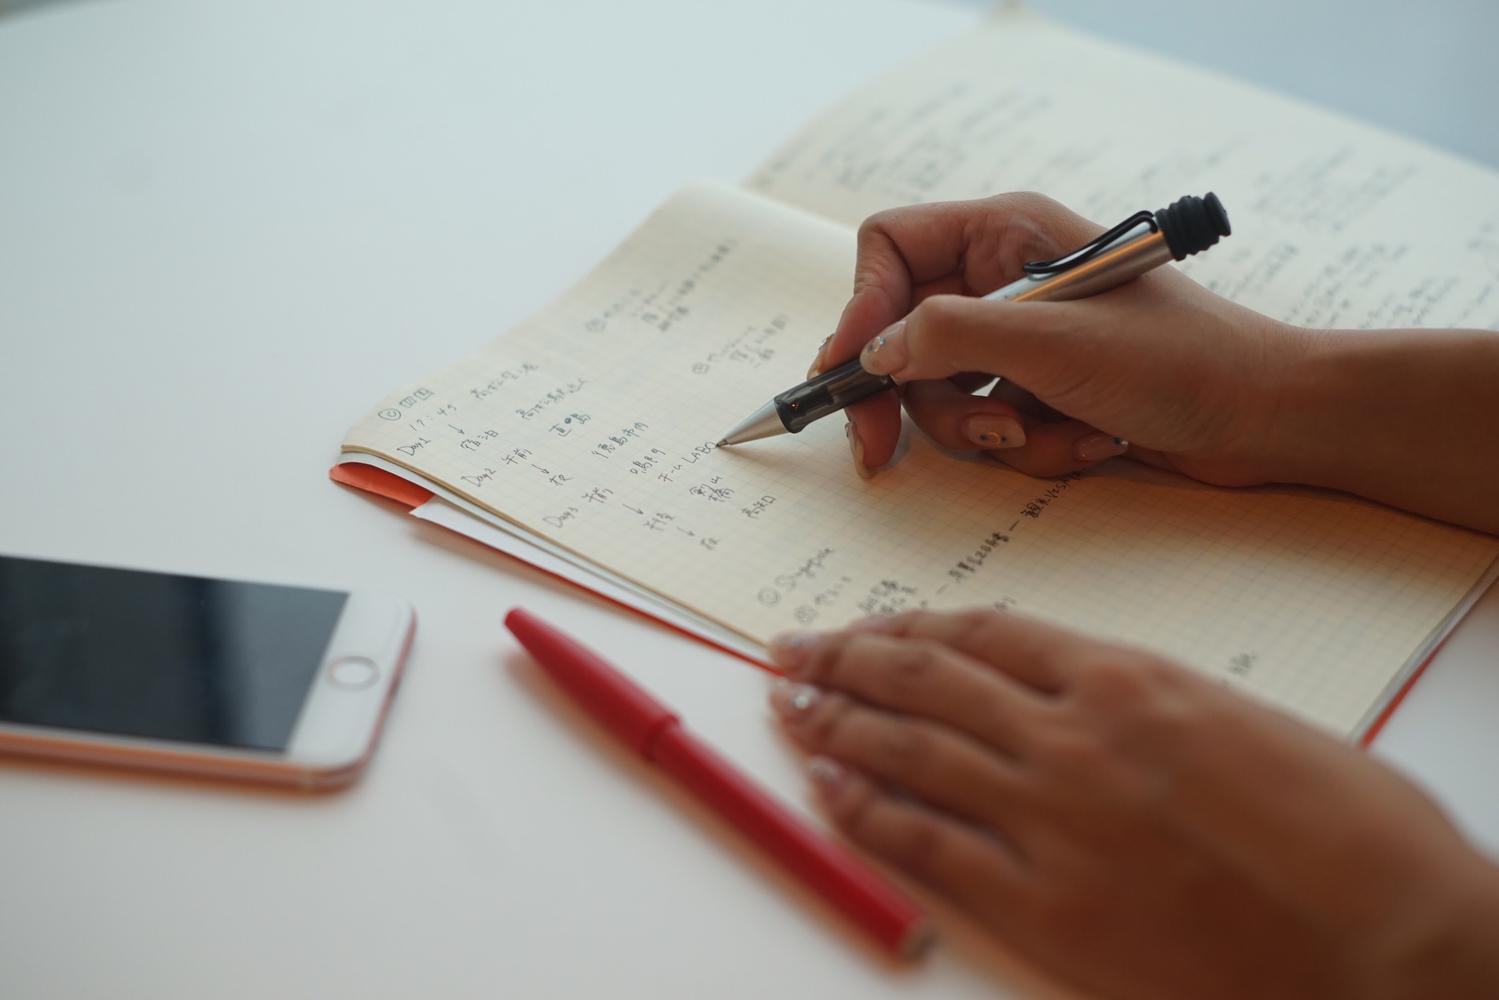 授業をしっかり受ける方法≫自己暗示をかける